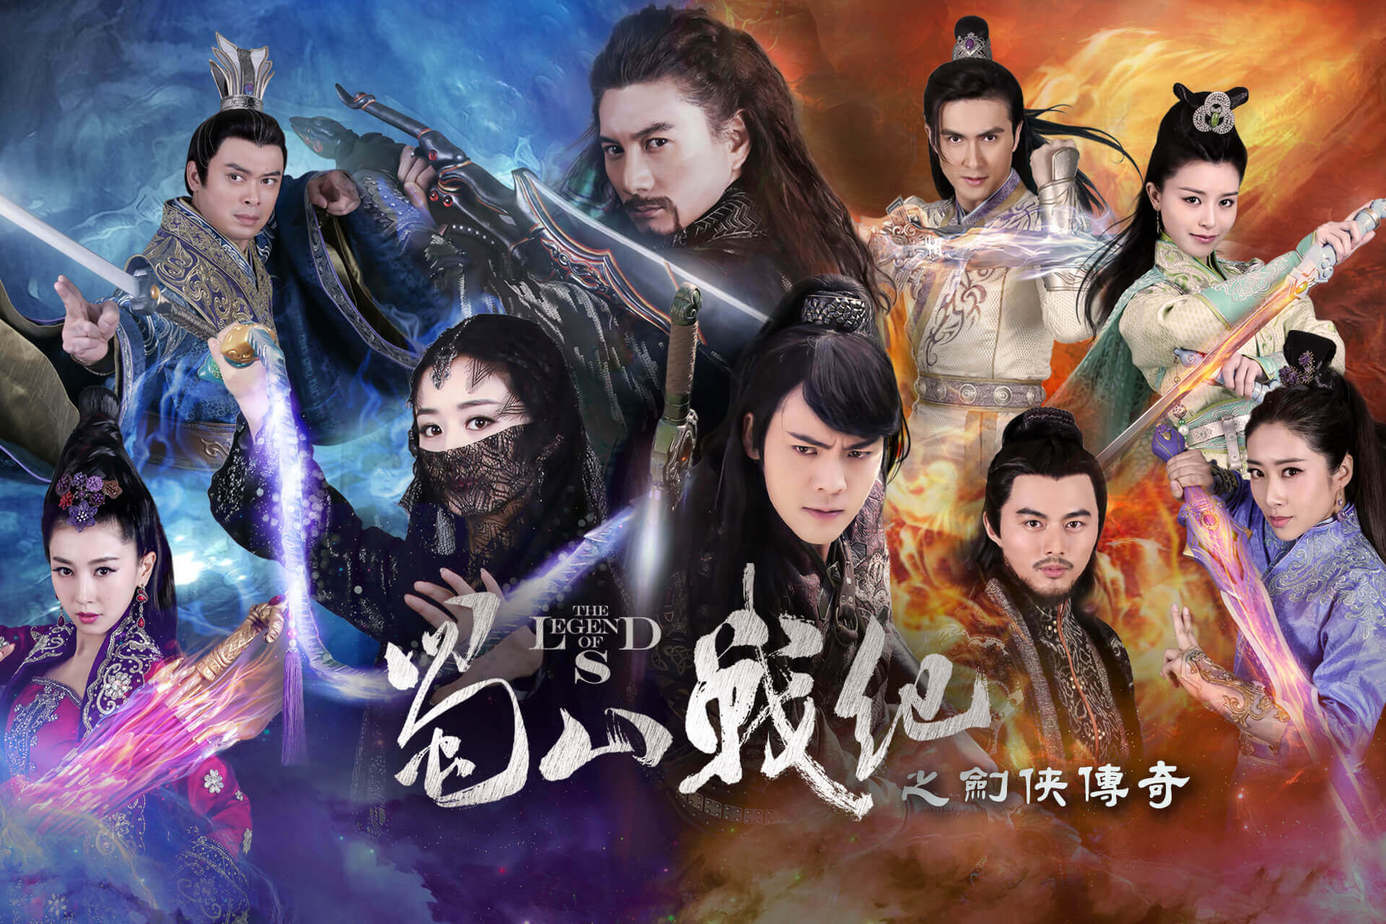 蜀山戰紀之劍俠傳奇